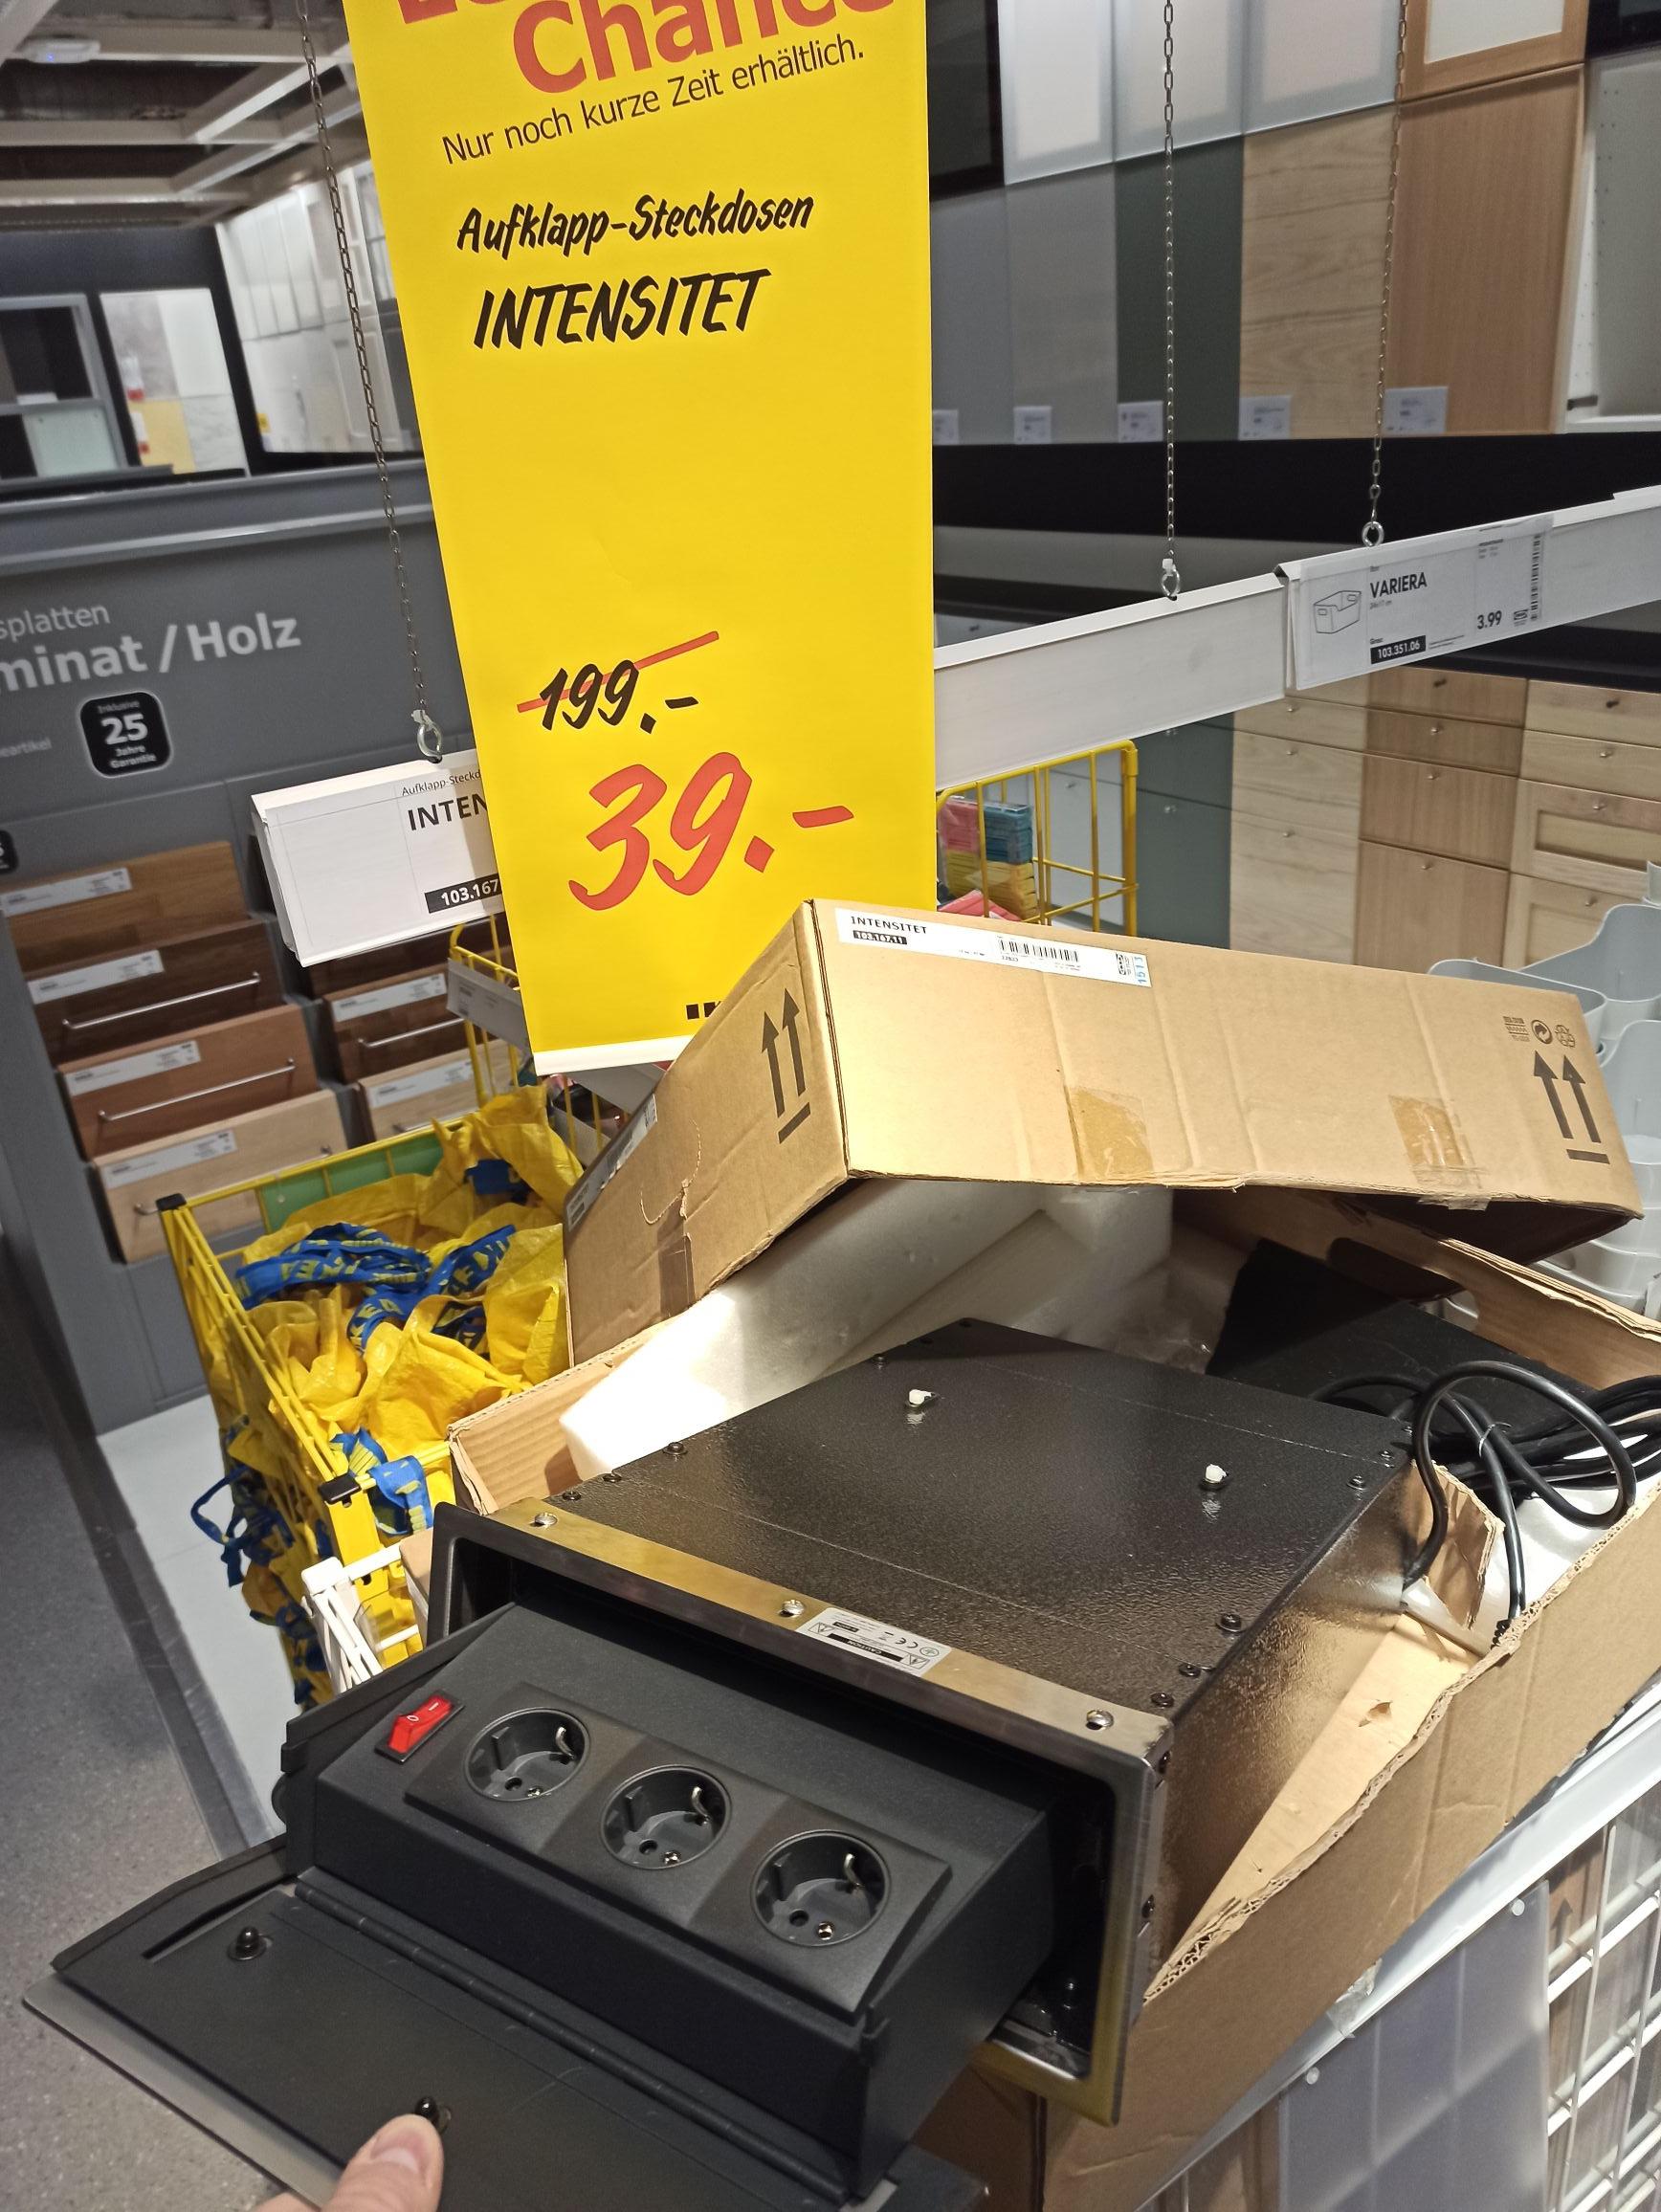 [Ikea Walldorf lokal?] Intensität Aufklapp-Steckdosen